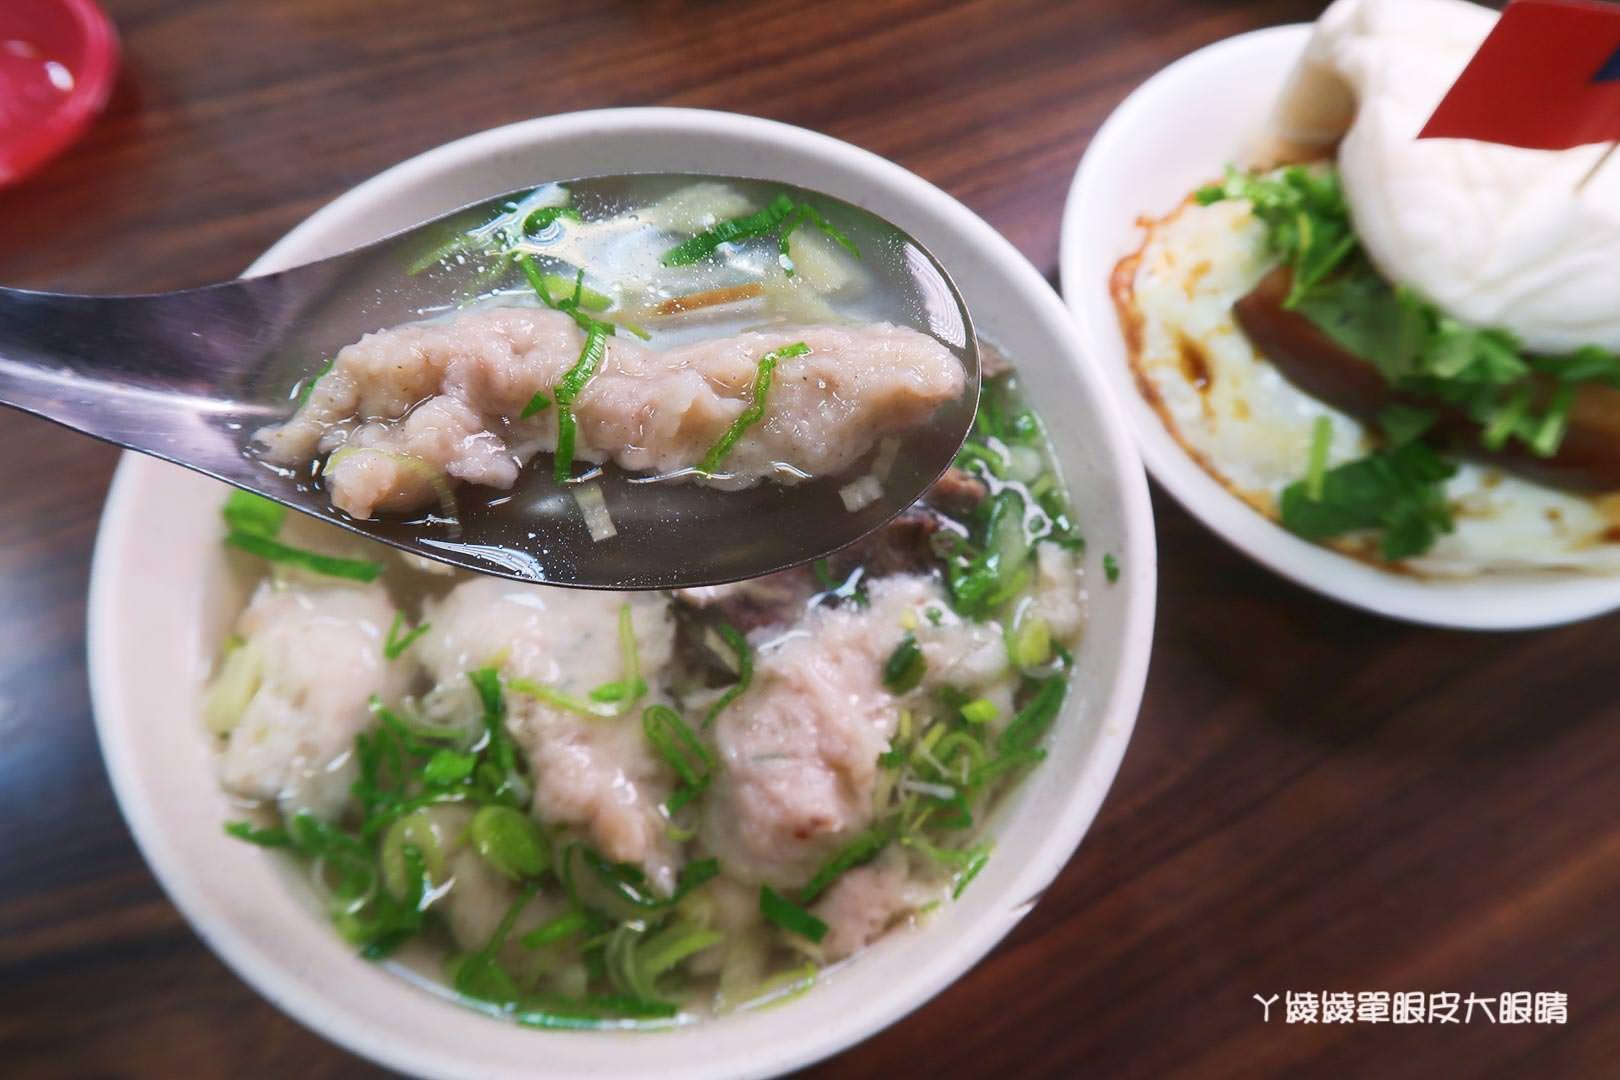 新竹滷肉飯推薦禾日香魯肉飯!CP值爆高的海鮮什錦麵,還有超犯規泰式打拋豬飯